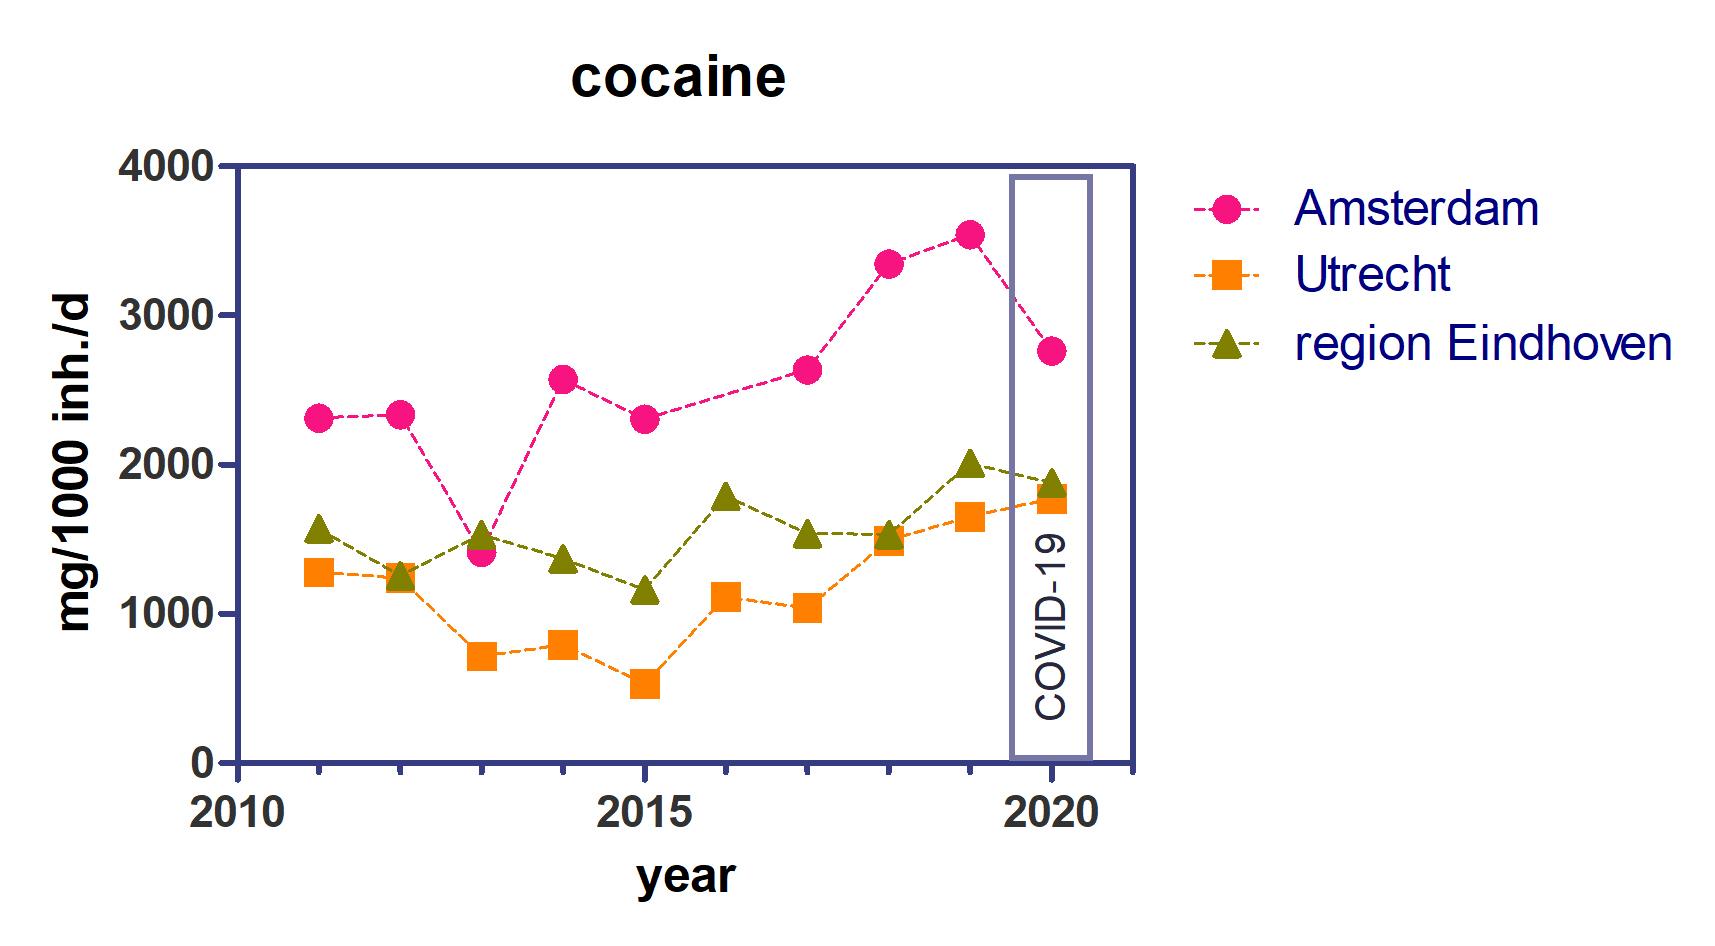 Grafische Darstellung des Kokainkonsums in Amsterdam, Eindhoven und Utrecht als Zeitreihe von 2011 bis 2020 – 2020 gemessen während des Lockdowns aufgrund der Coronapandemie. Grafik: KWR (2020)